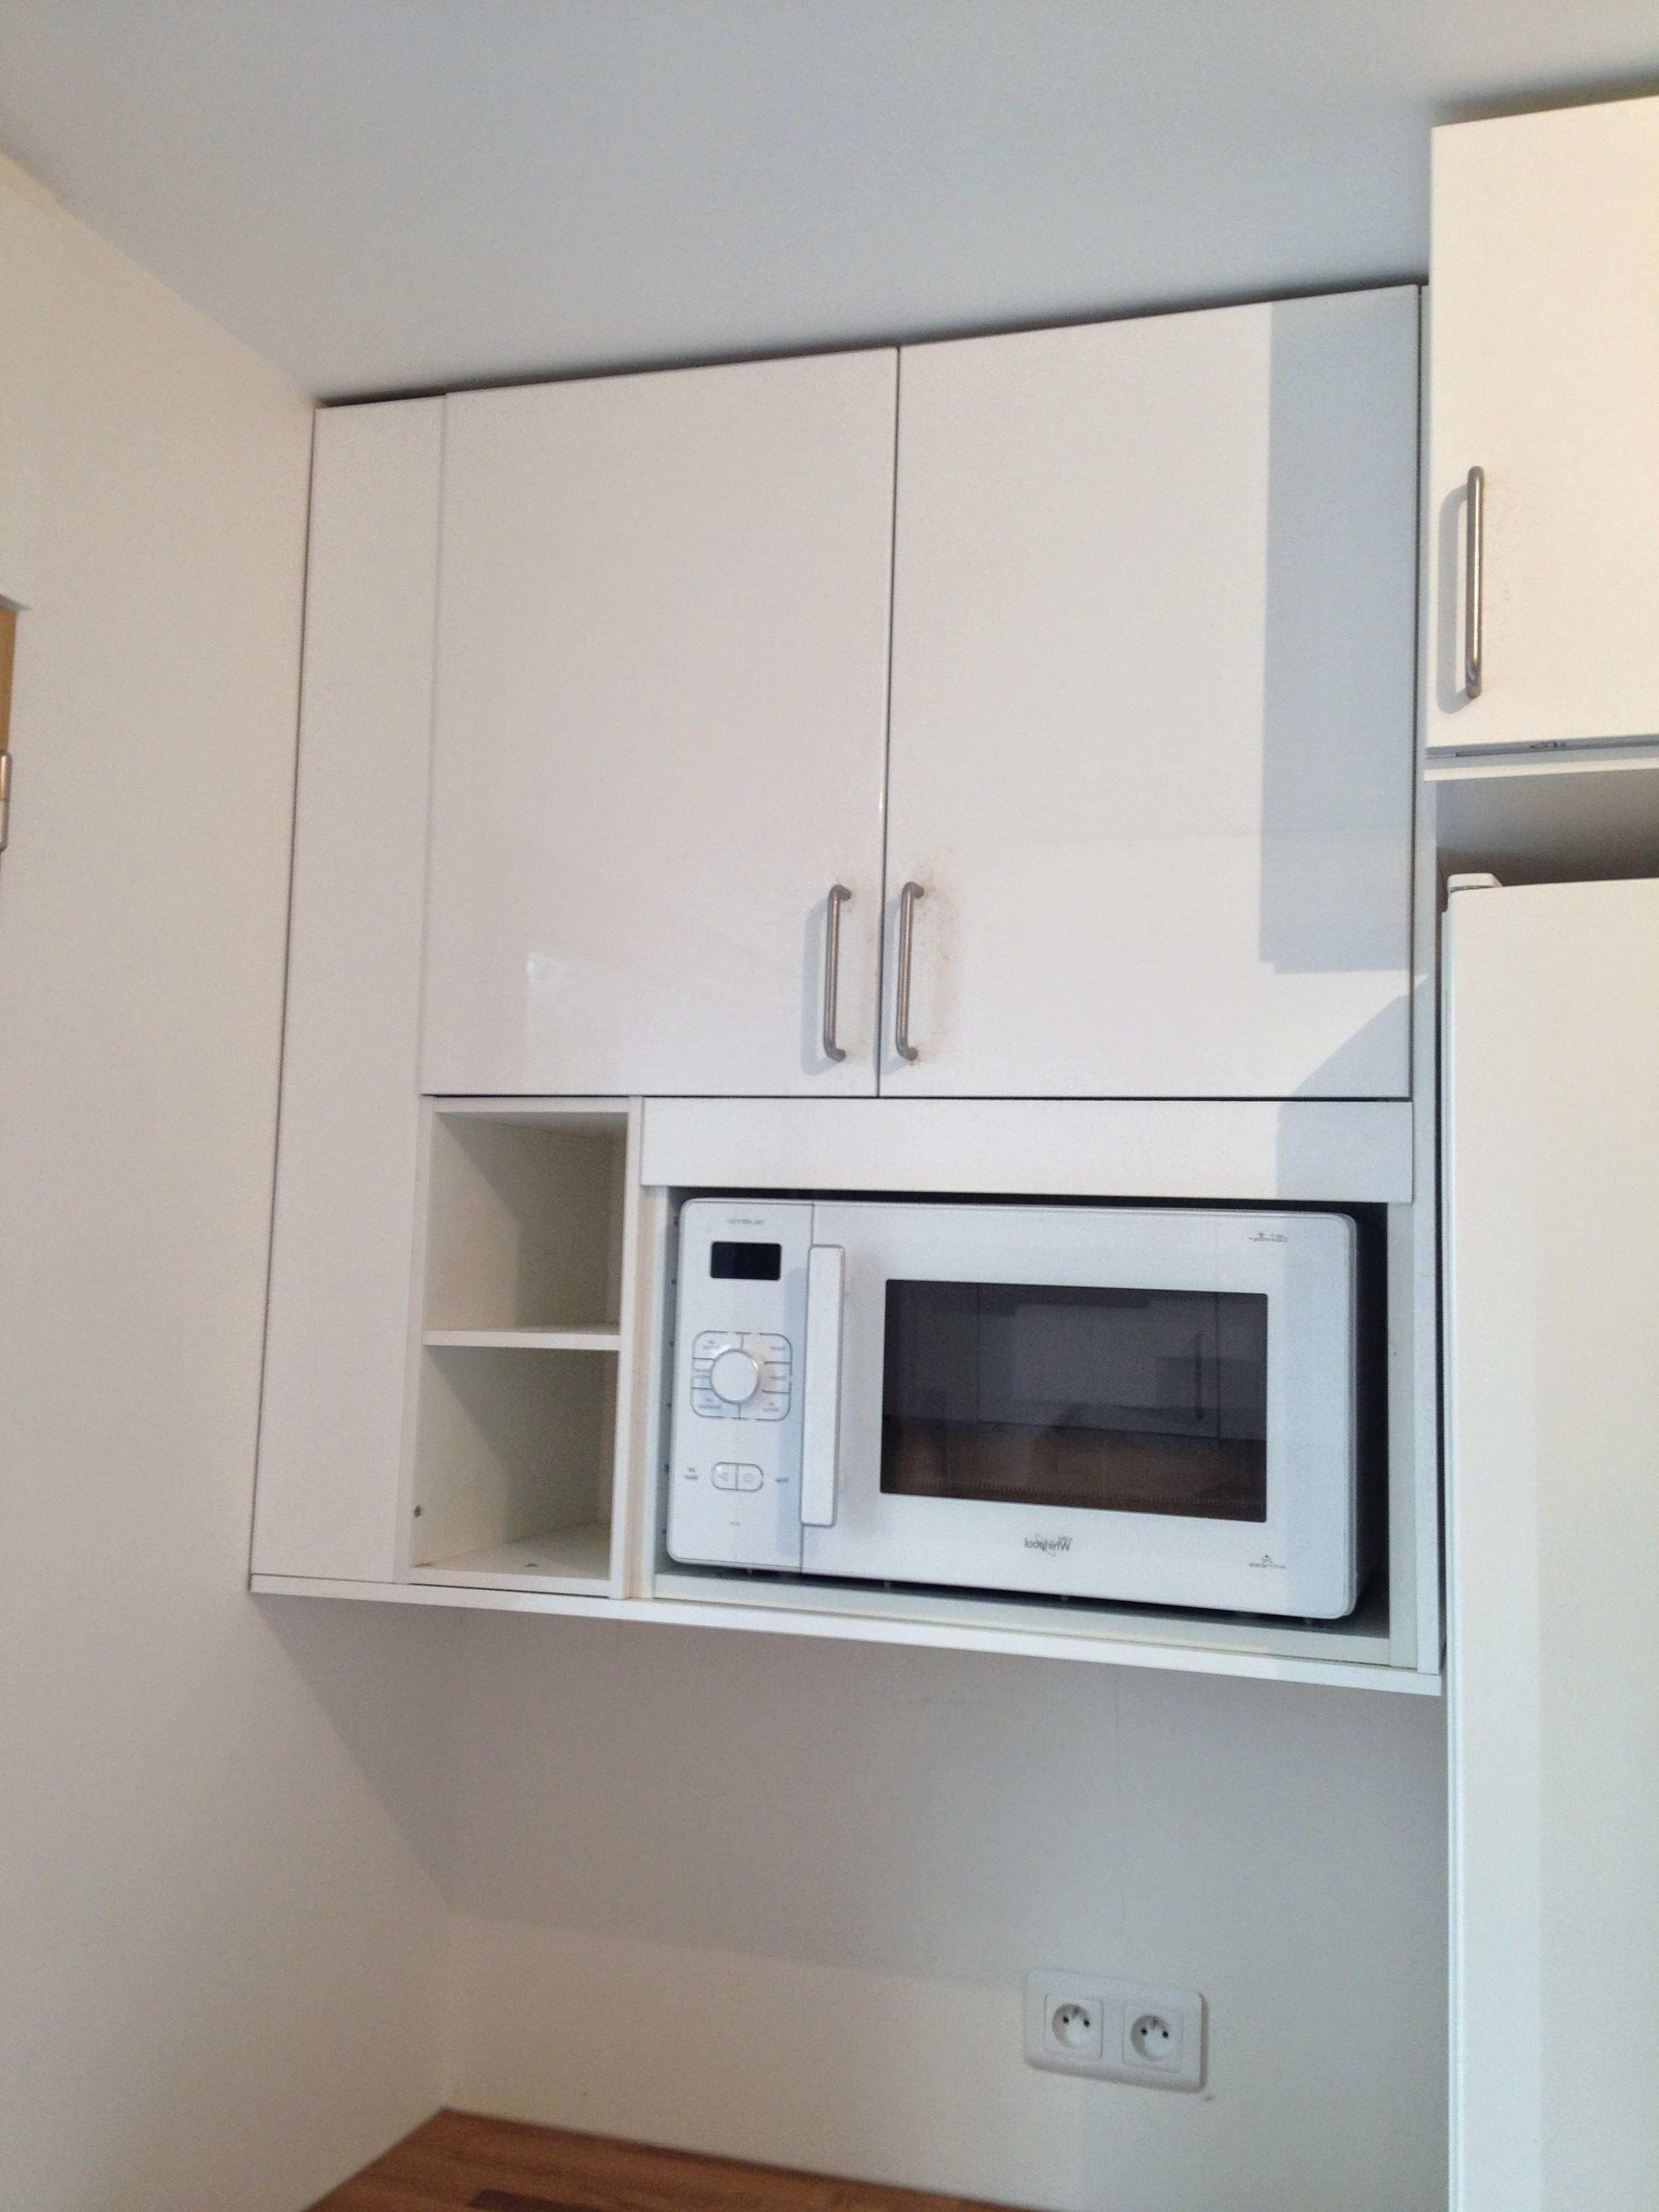 Ikea meuble haut pour micro ondes lille maison - Meuble pour micro onde ikea ...